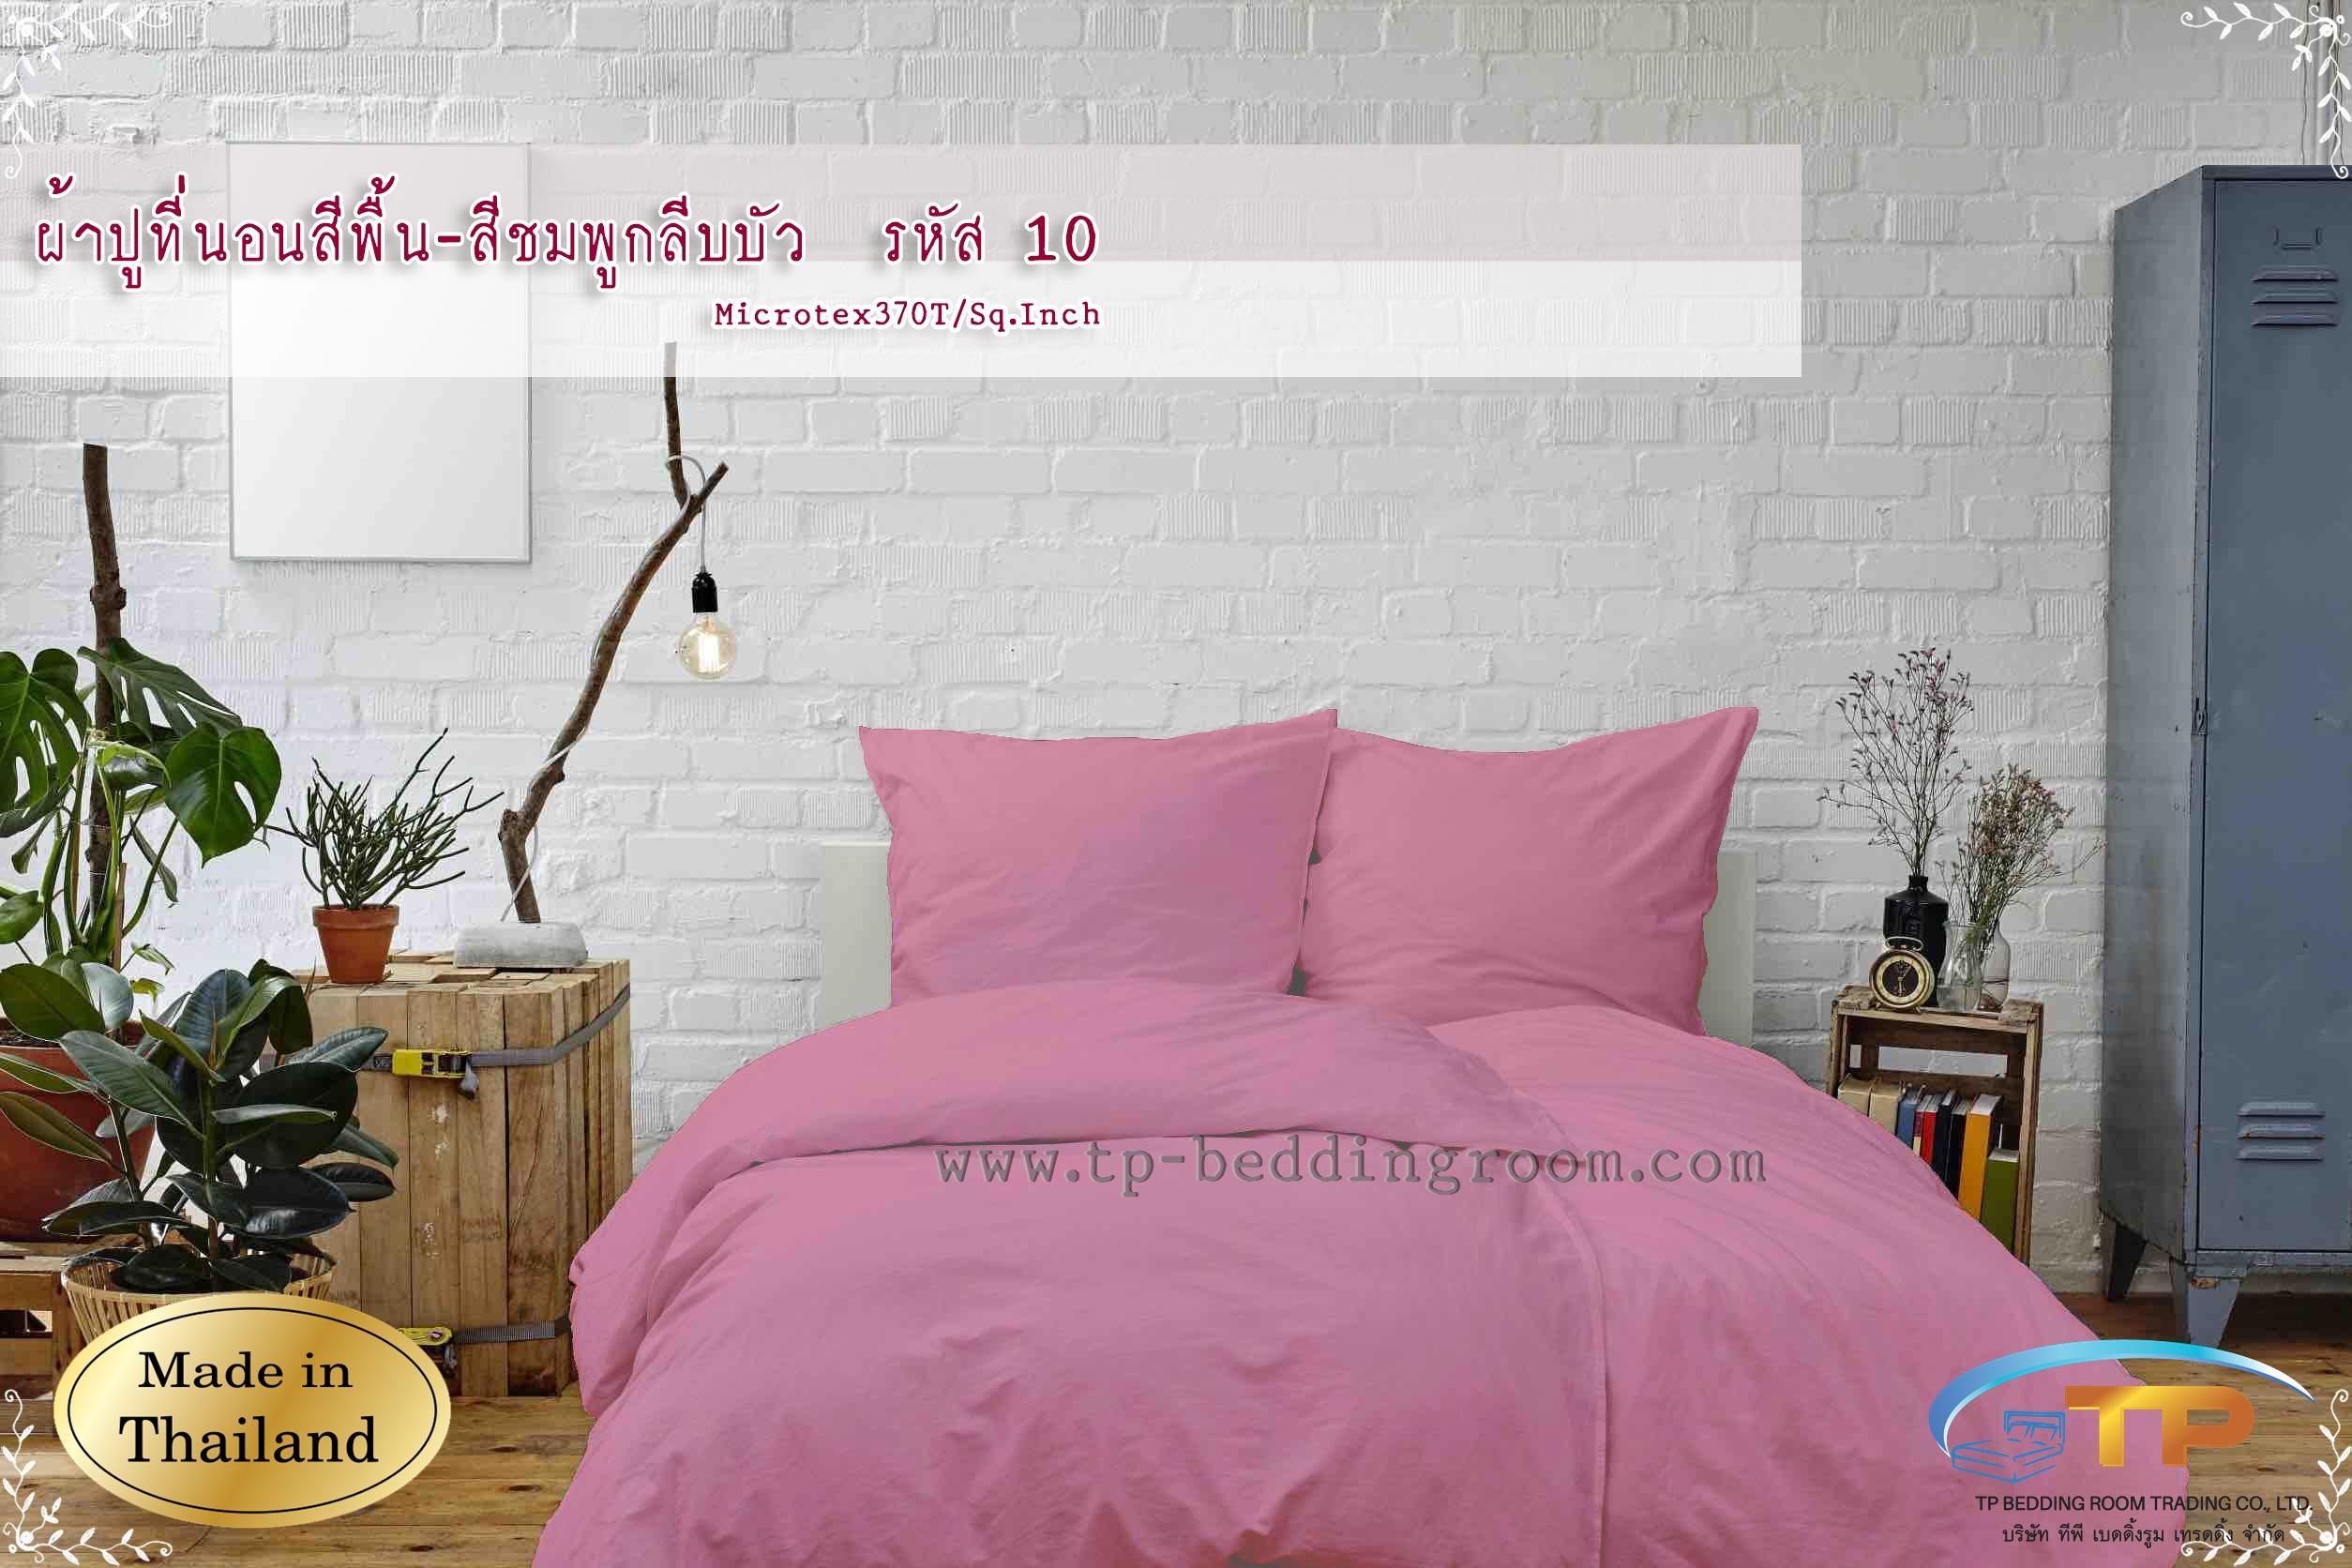 ชุดผ้าปูที่นอน 5 ฟุต สีชมพูกลีบบัว รหัส 10